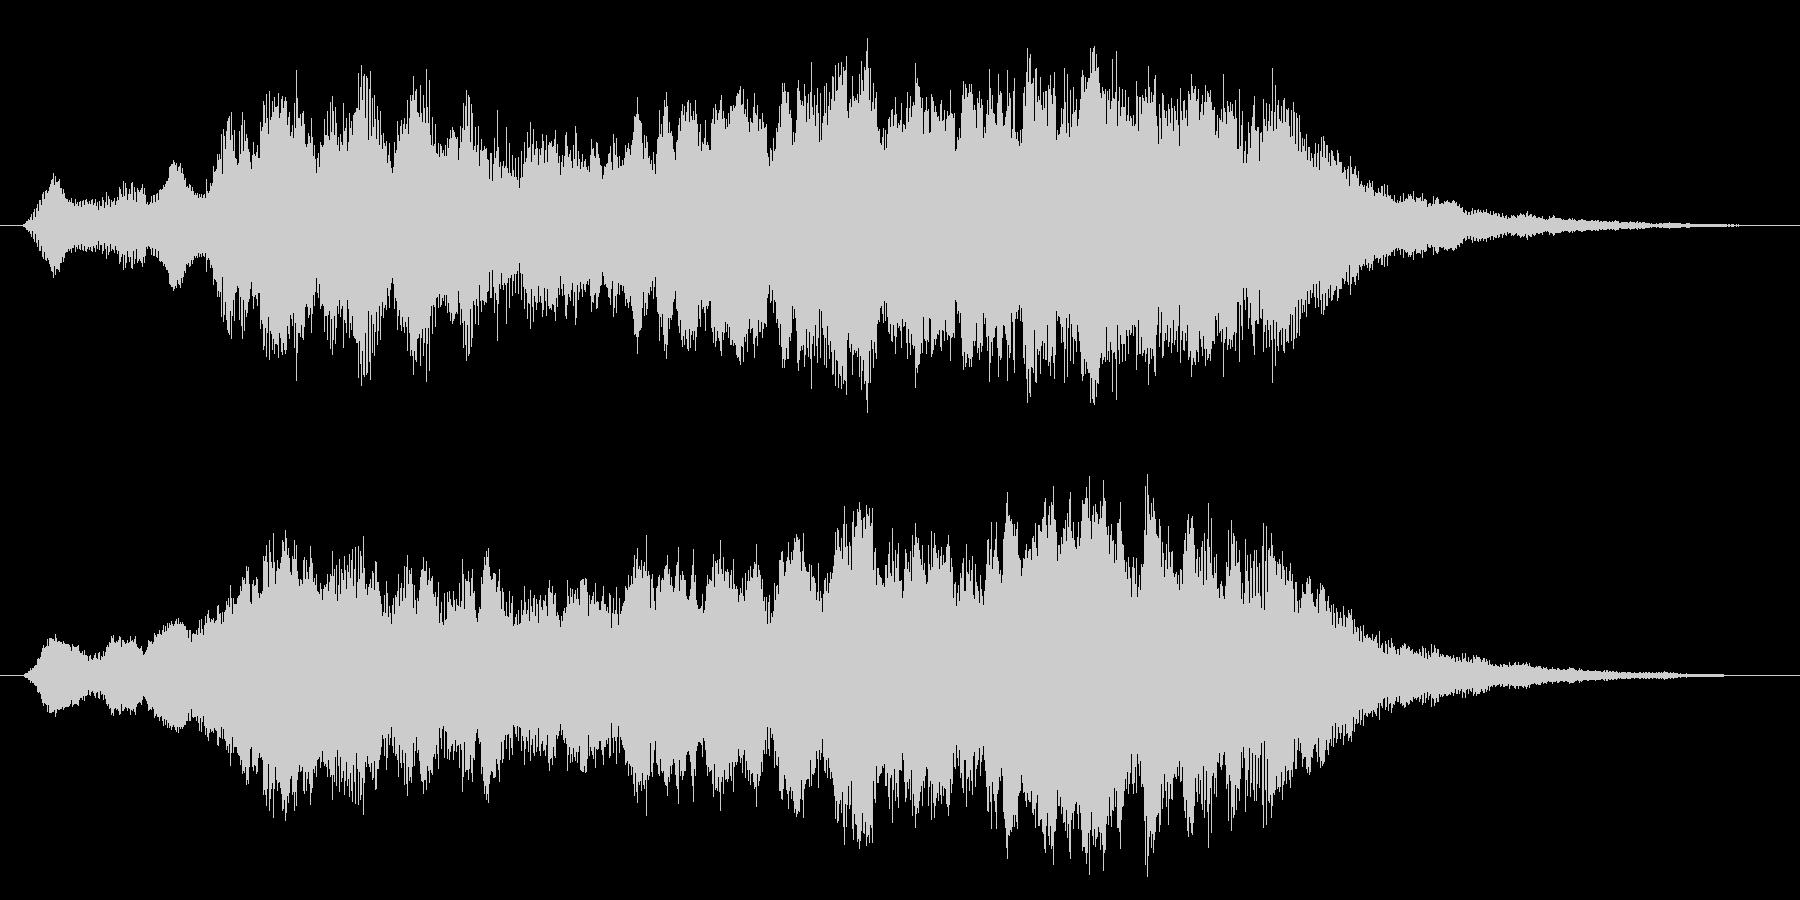 パソコンの起動音風パッドの未再生の波形